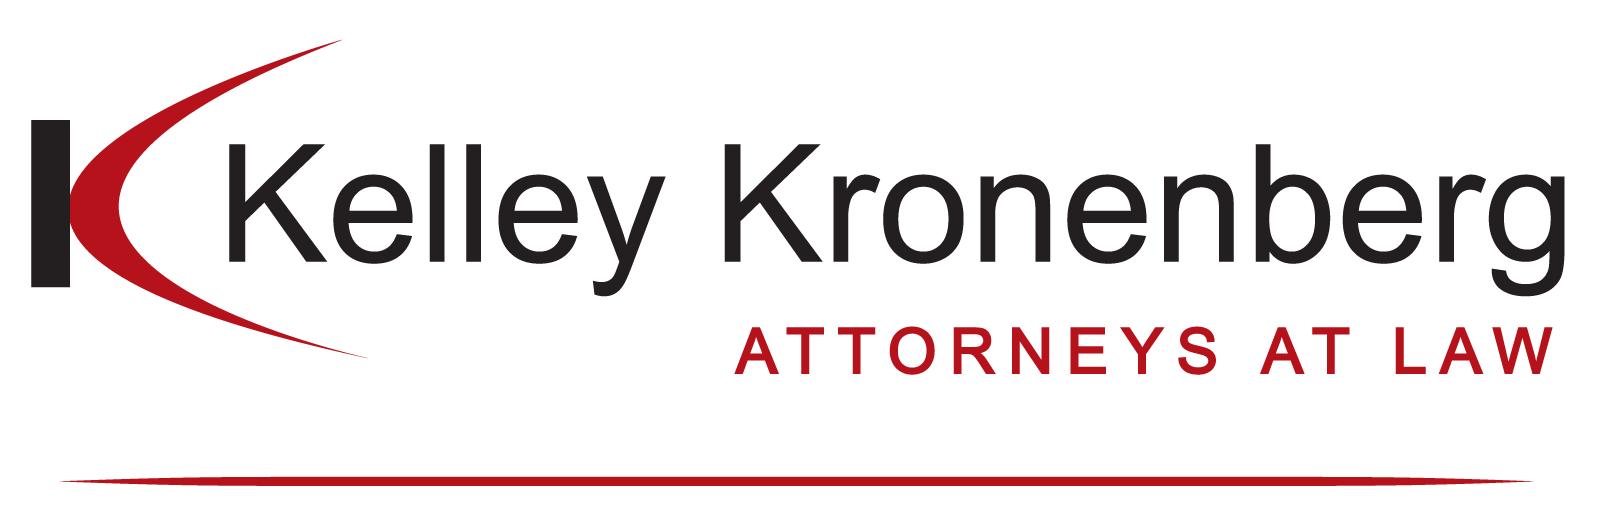 Kelley Kronenberg logo